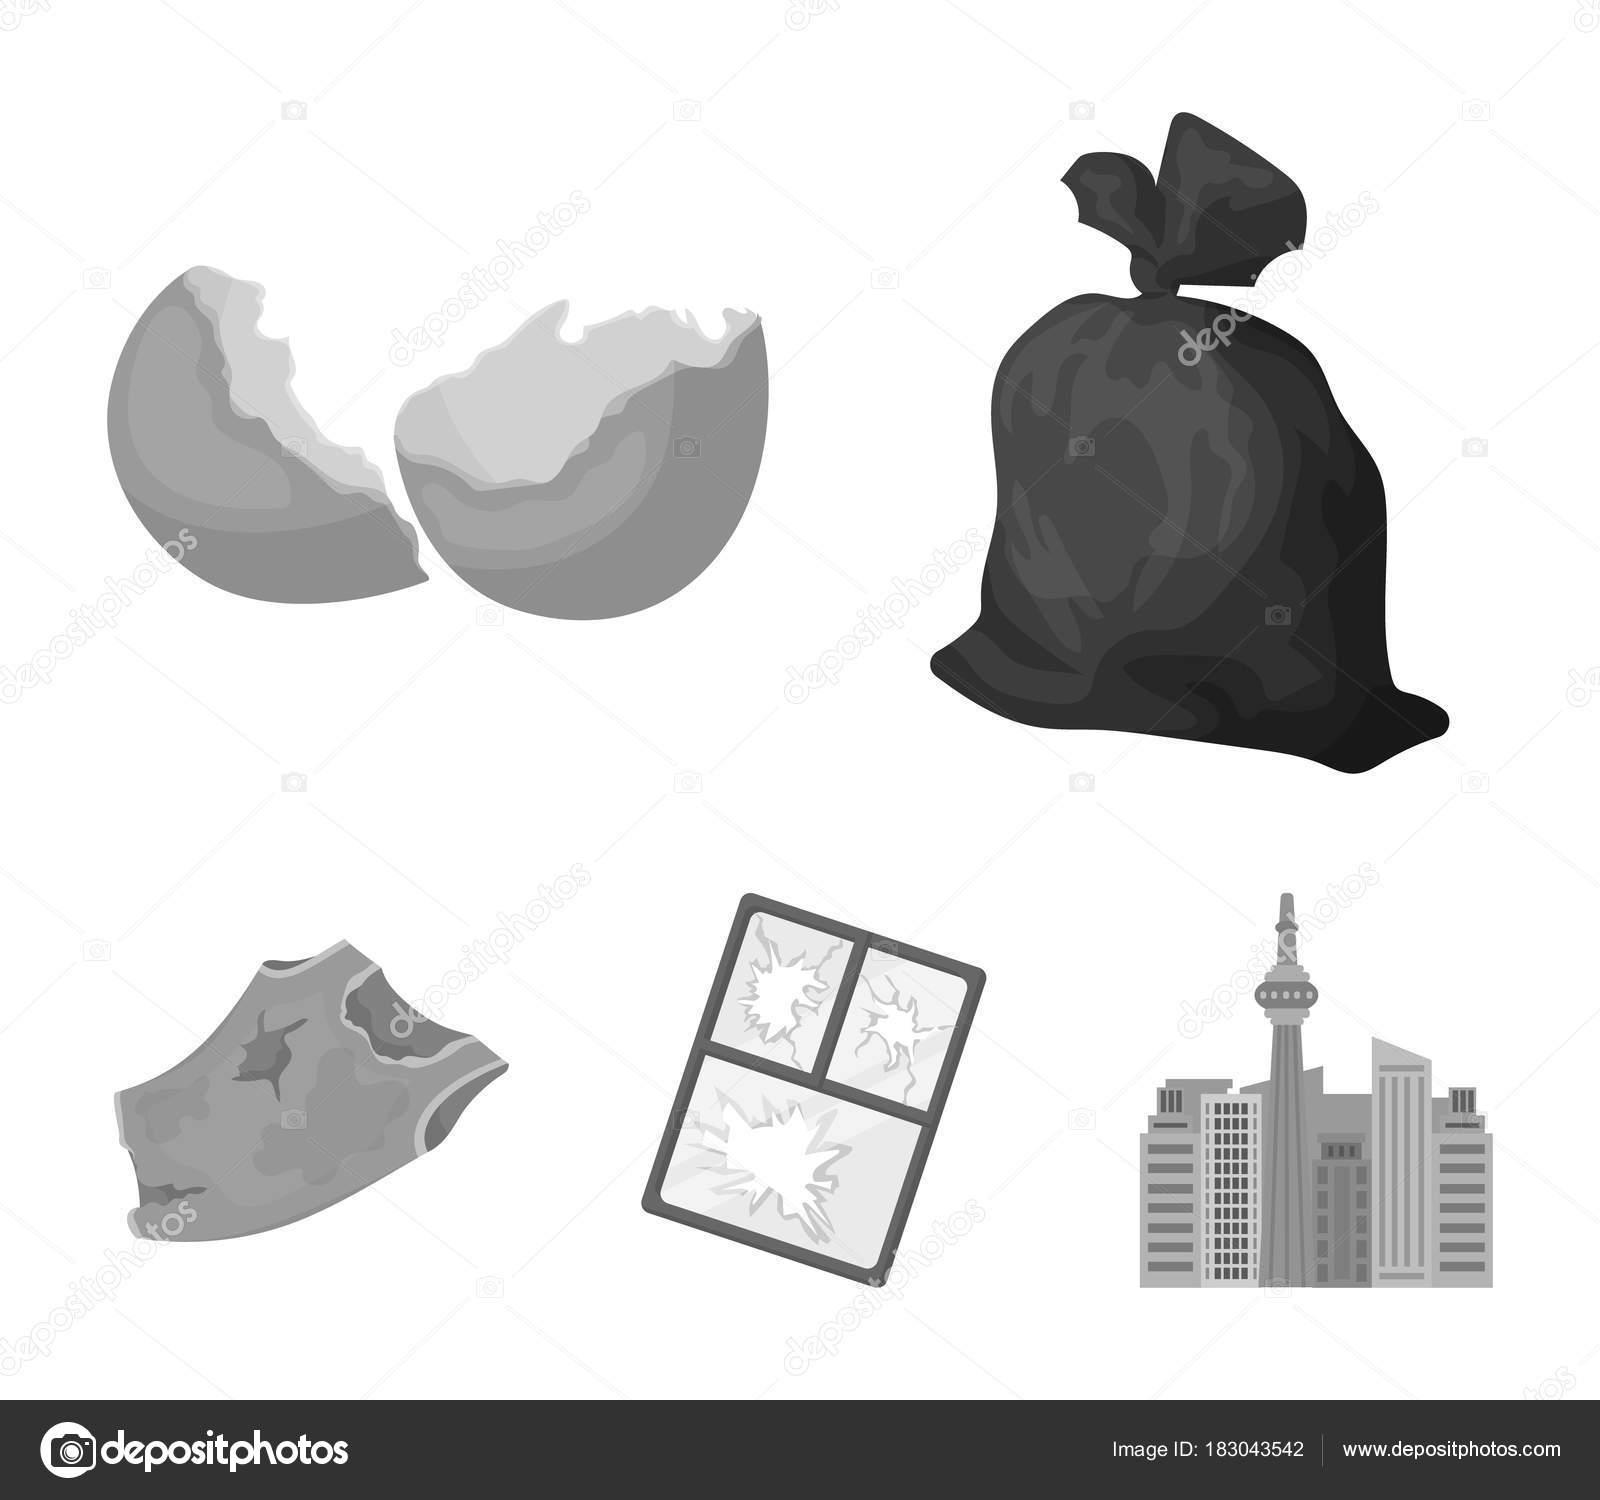 A Garbage Bag A Broken Egg Shell A Torn Dirty T Shirt A Broken